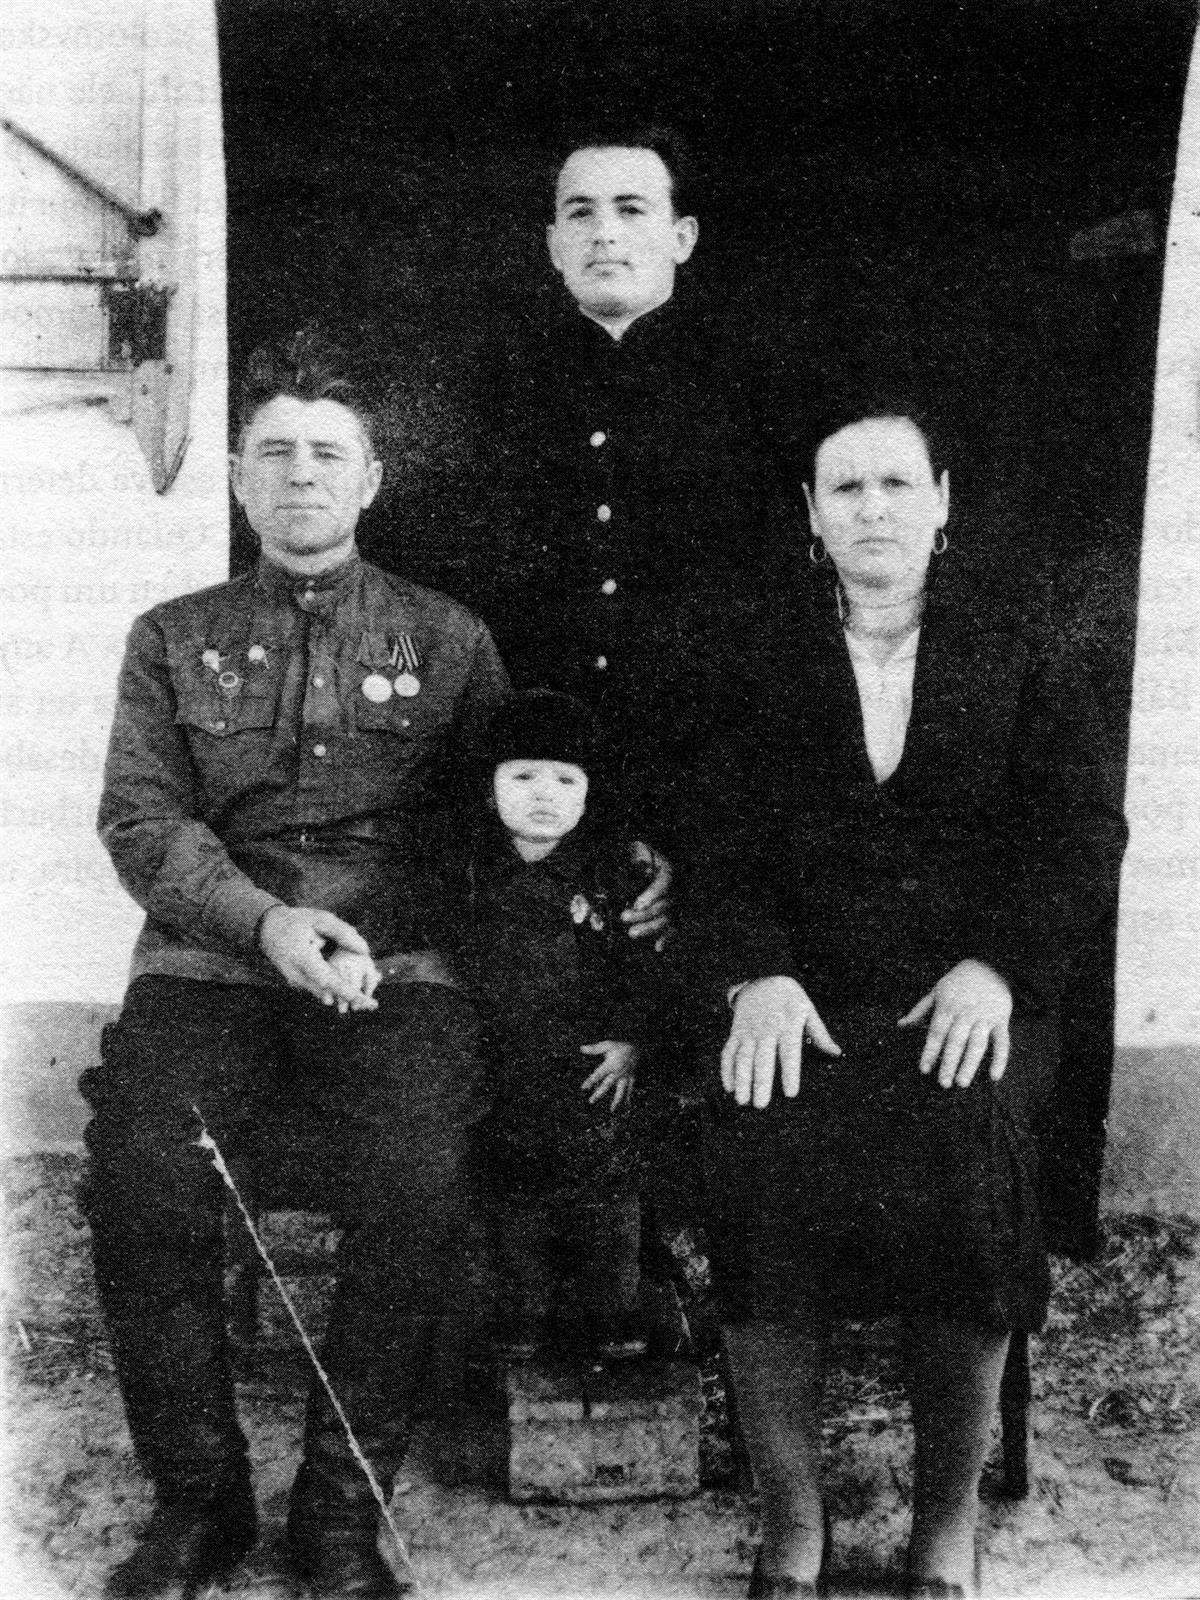 Pode dizer-se que o seu sucesso na política soviética ficou a dever-se à  sua personalidade e também à proteção de Andropov 7748fc49b04